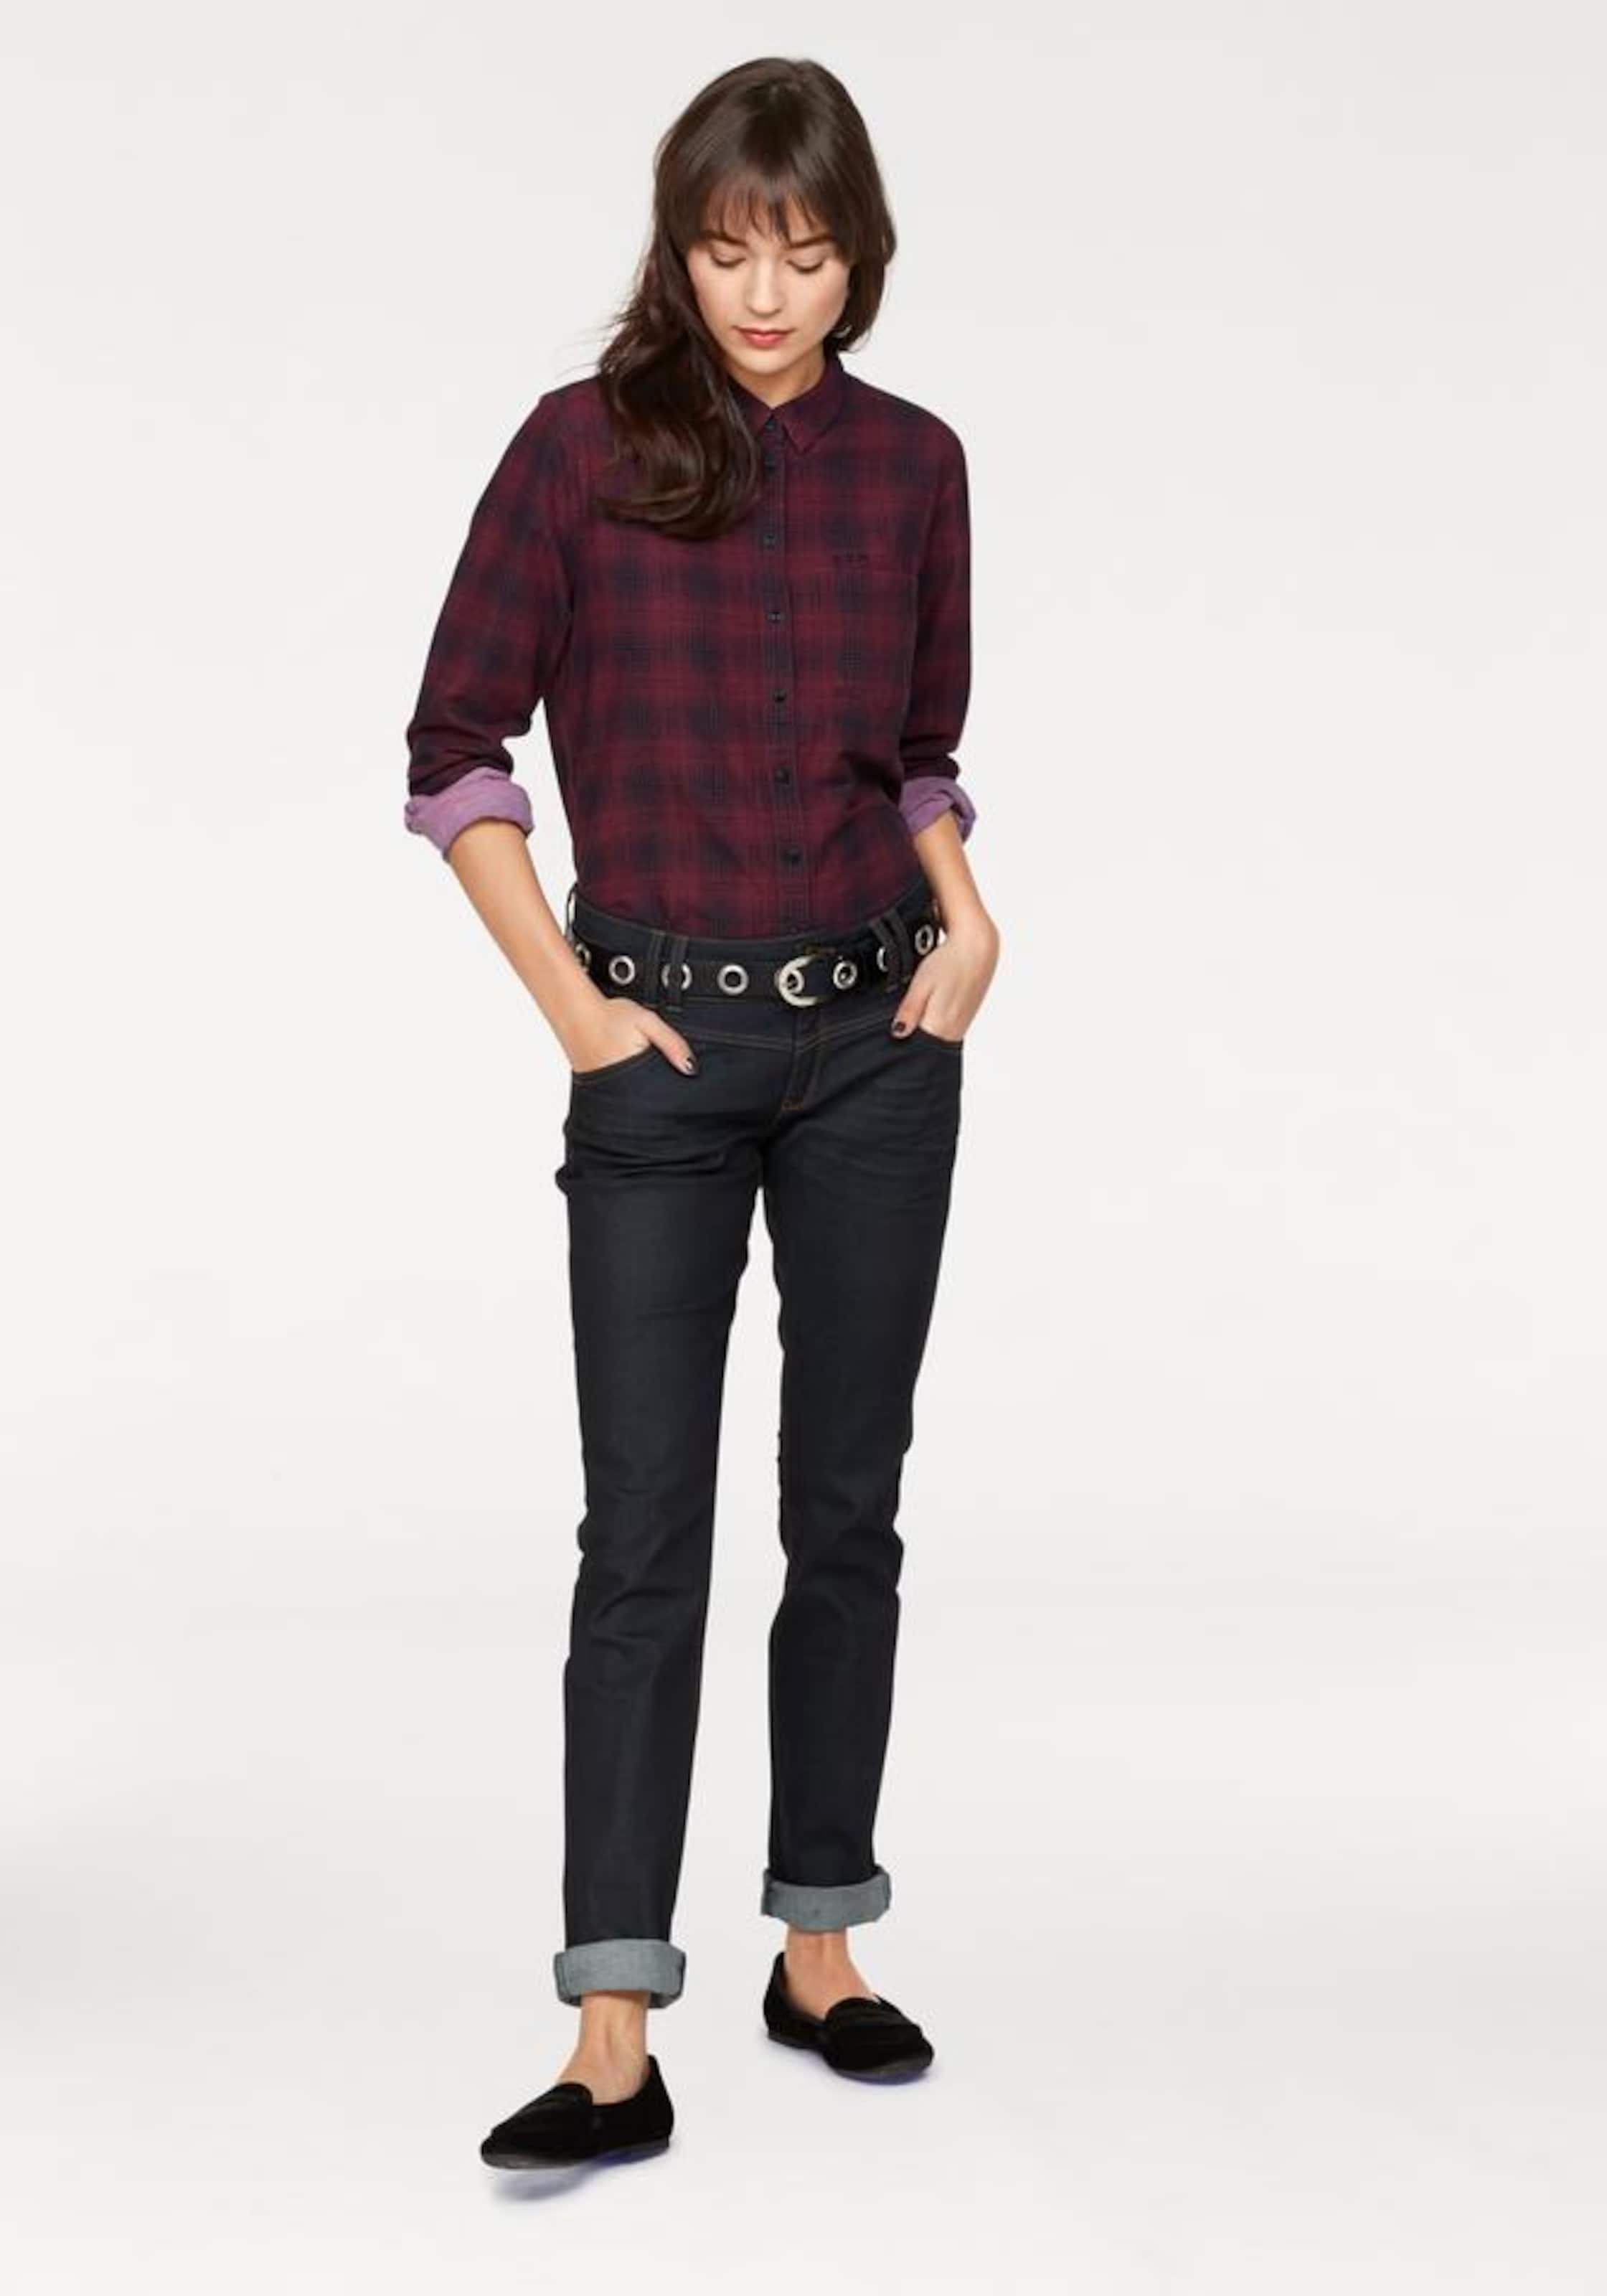 Austritt Aus Deutschland s.Oliver Denim Slim-fit-Jeans 'Catie' Billig Günstiger Preis p7mm7OgdQT